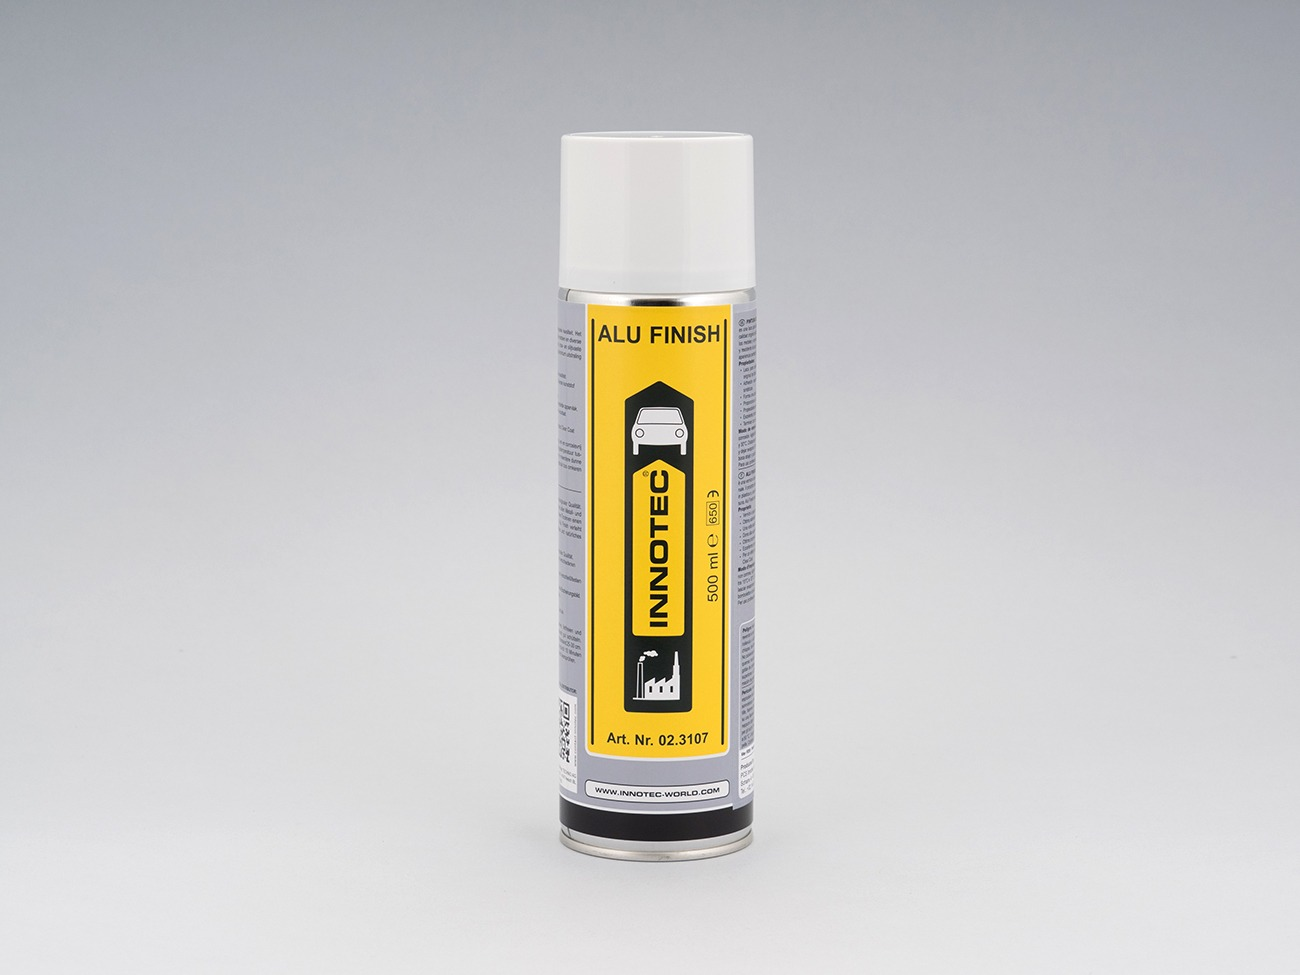 Vernice spray di color grigio alluminio ad asciugatura rapida